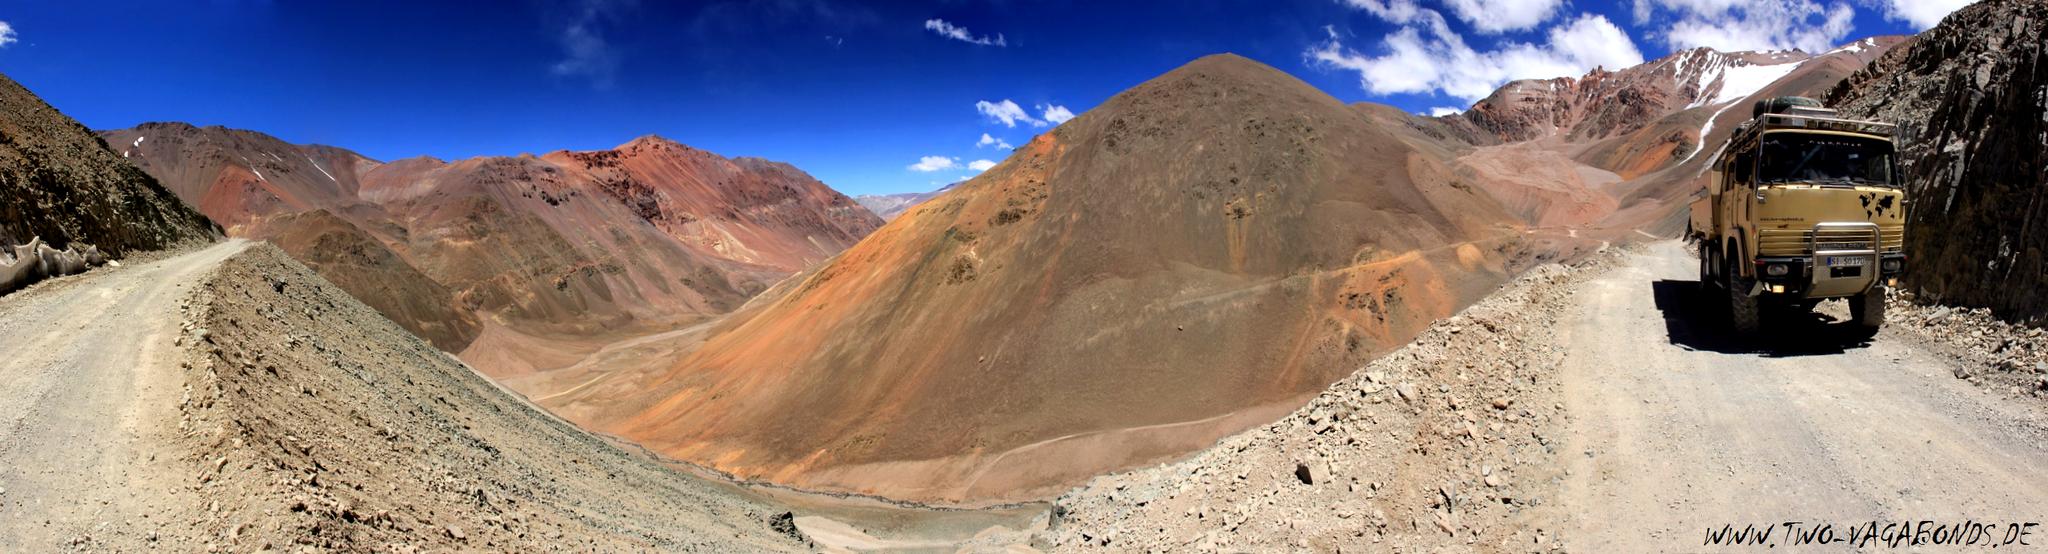 CHILE 2016 - PASO DE AGUA NEGRA